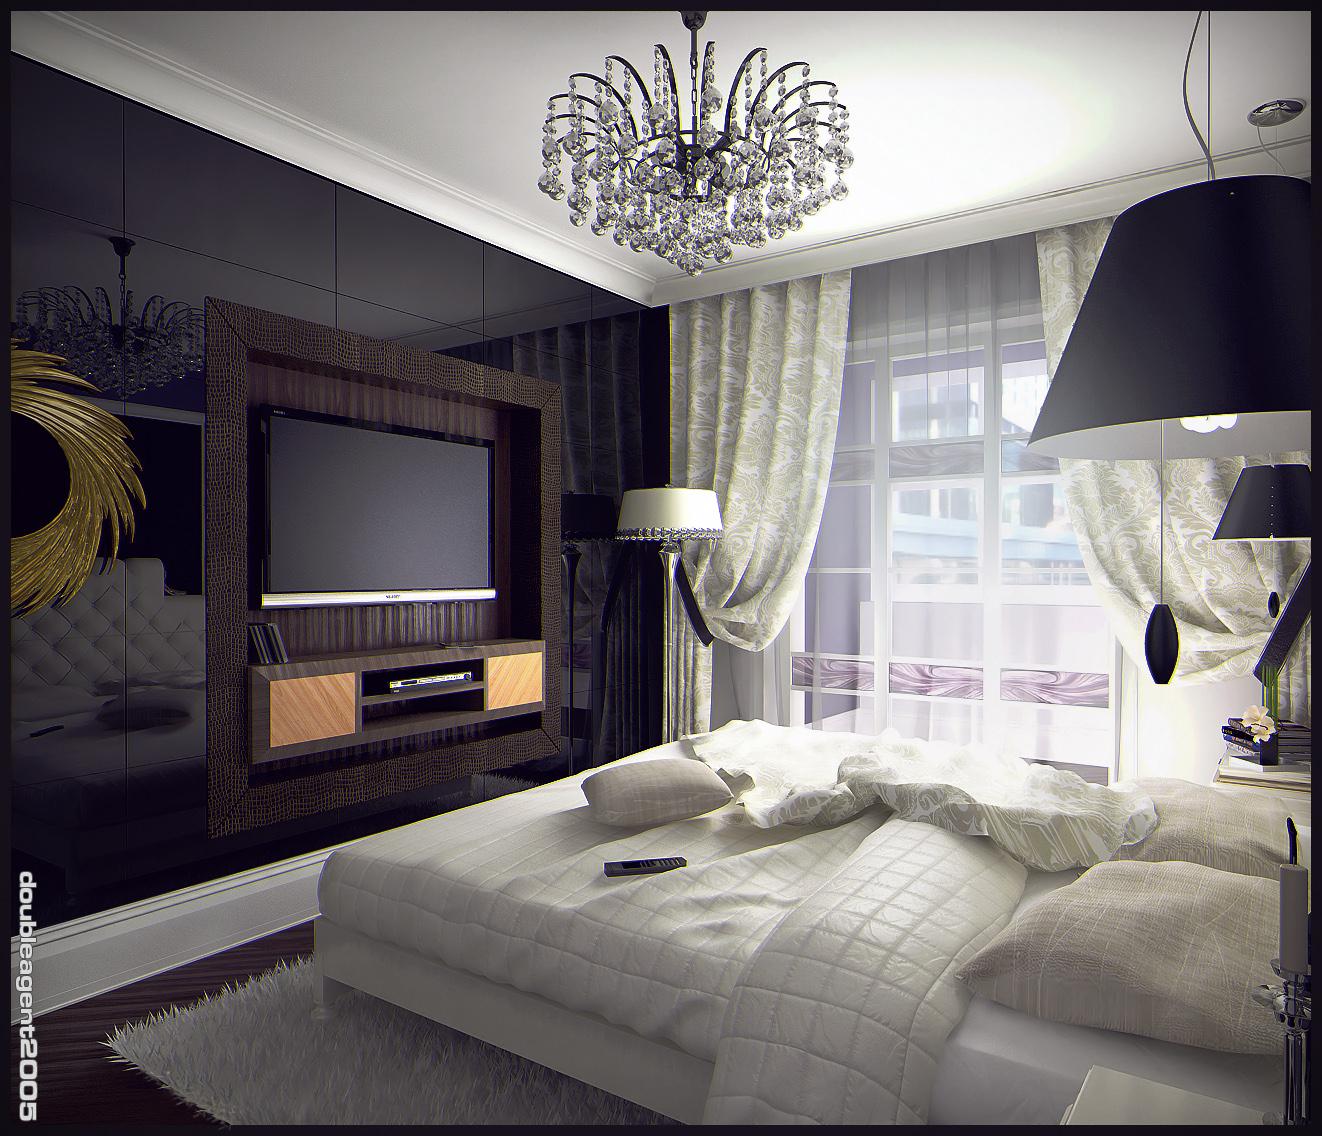 Bedroom interior, view 2